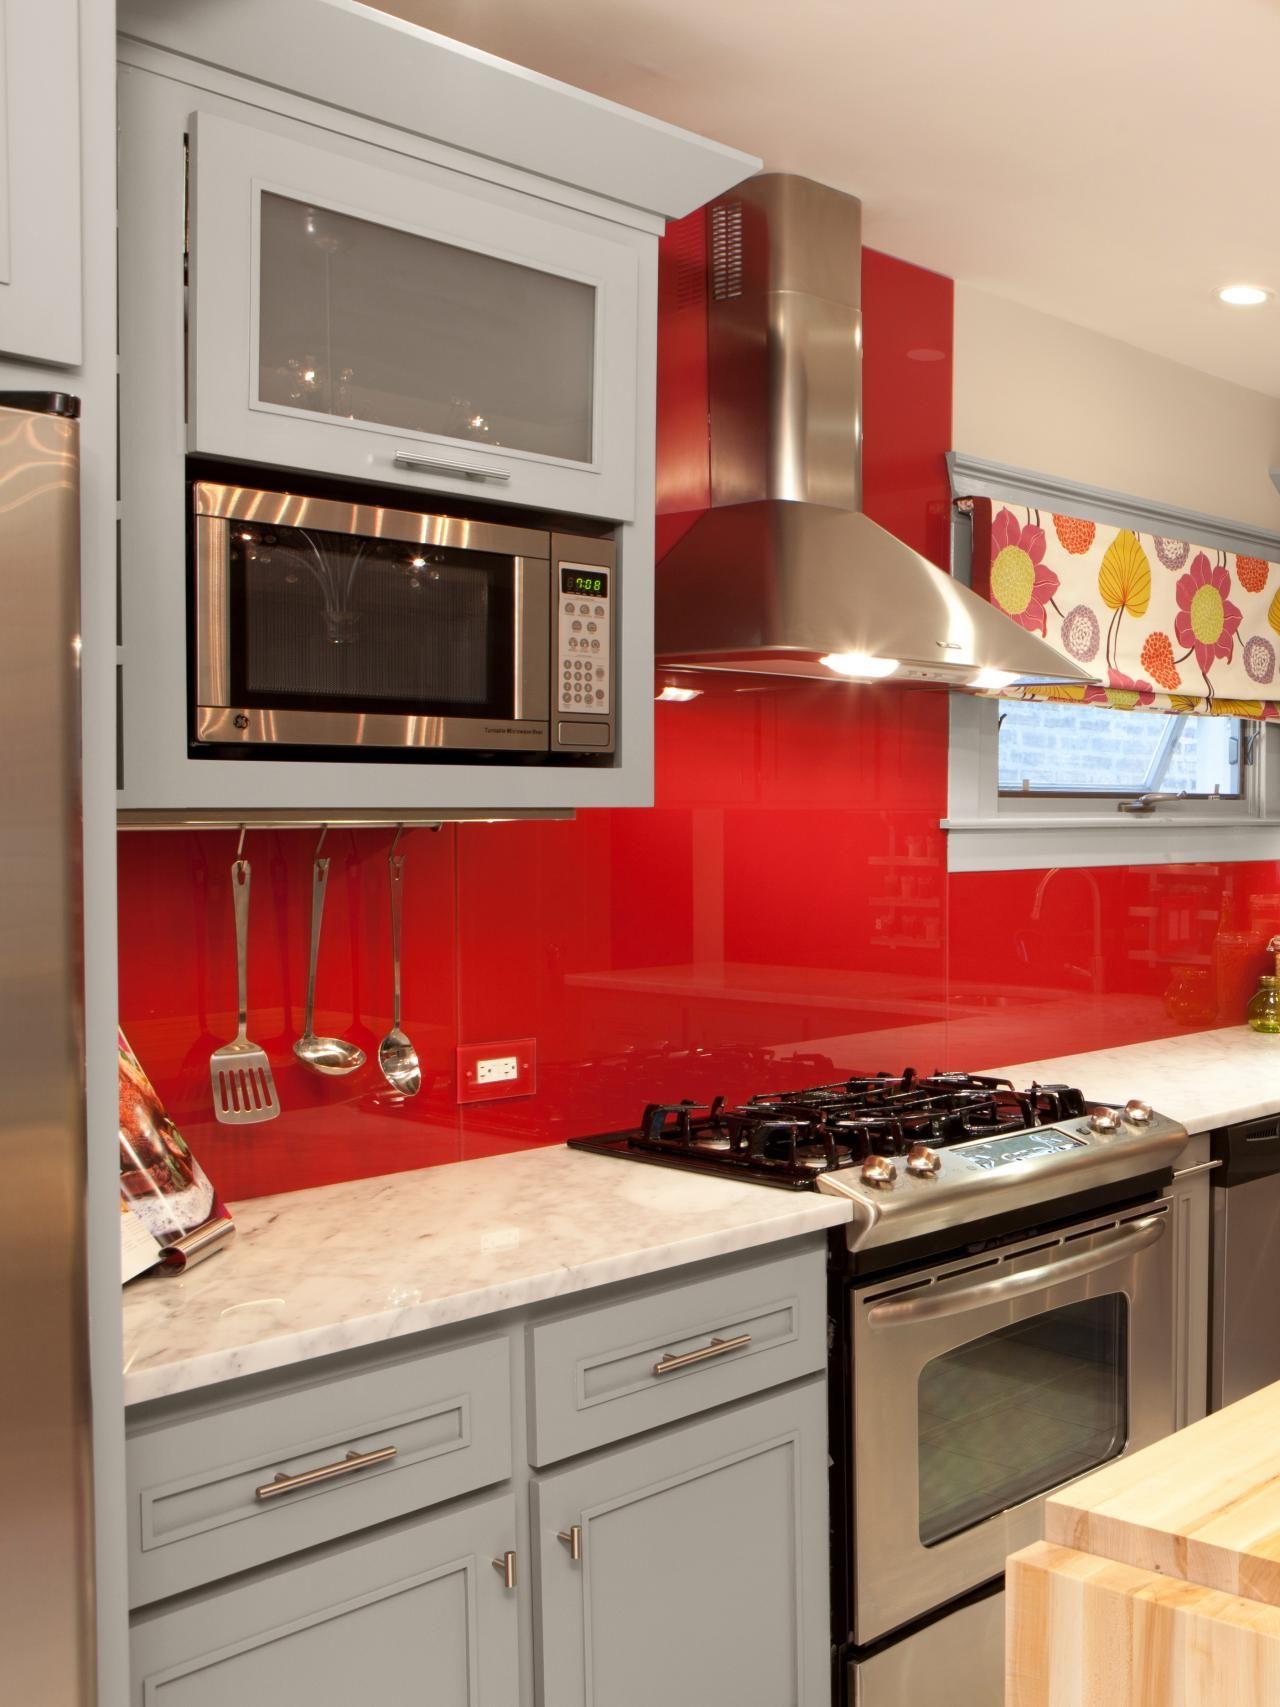 kitchen design tips from hgtv experts kitchen inspiration rh pinterest ch